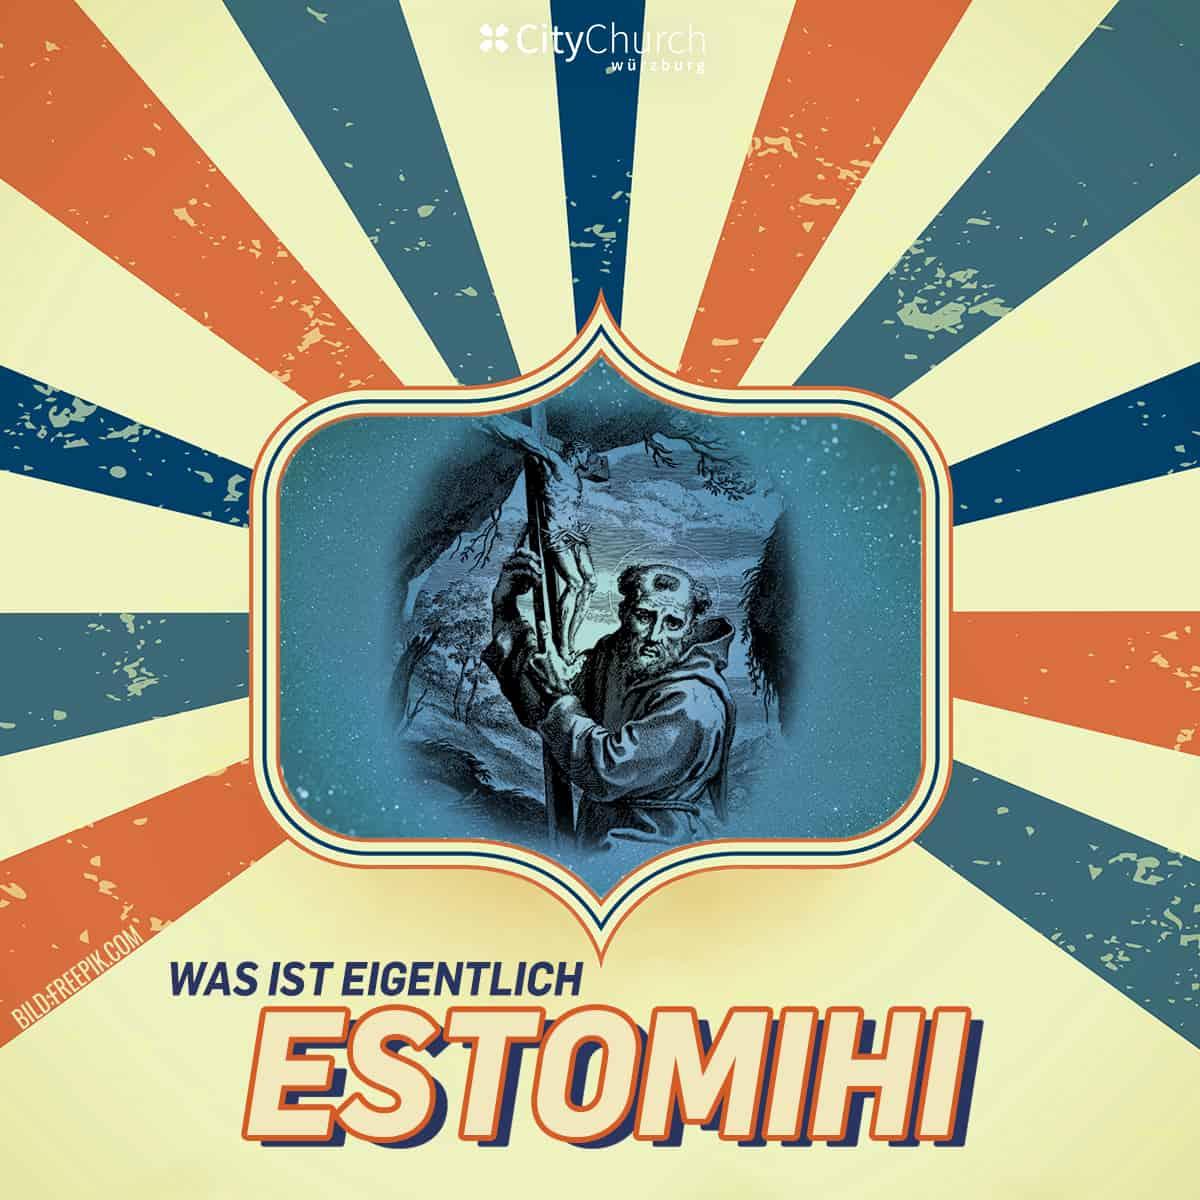 Was ist eigentlich Estomihi?